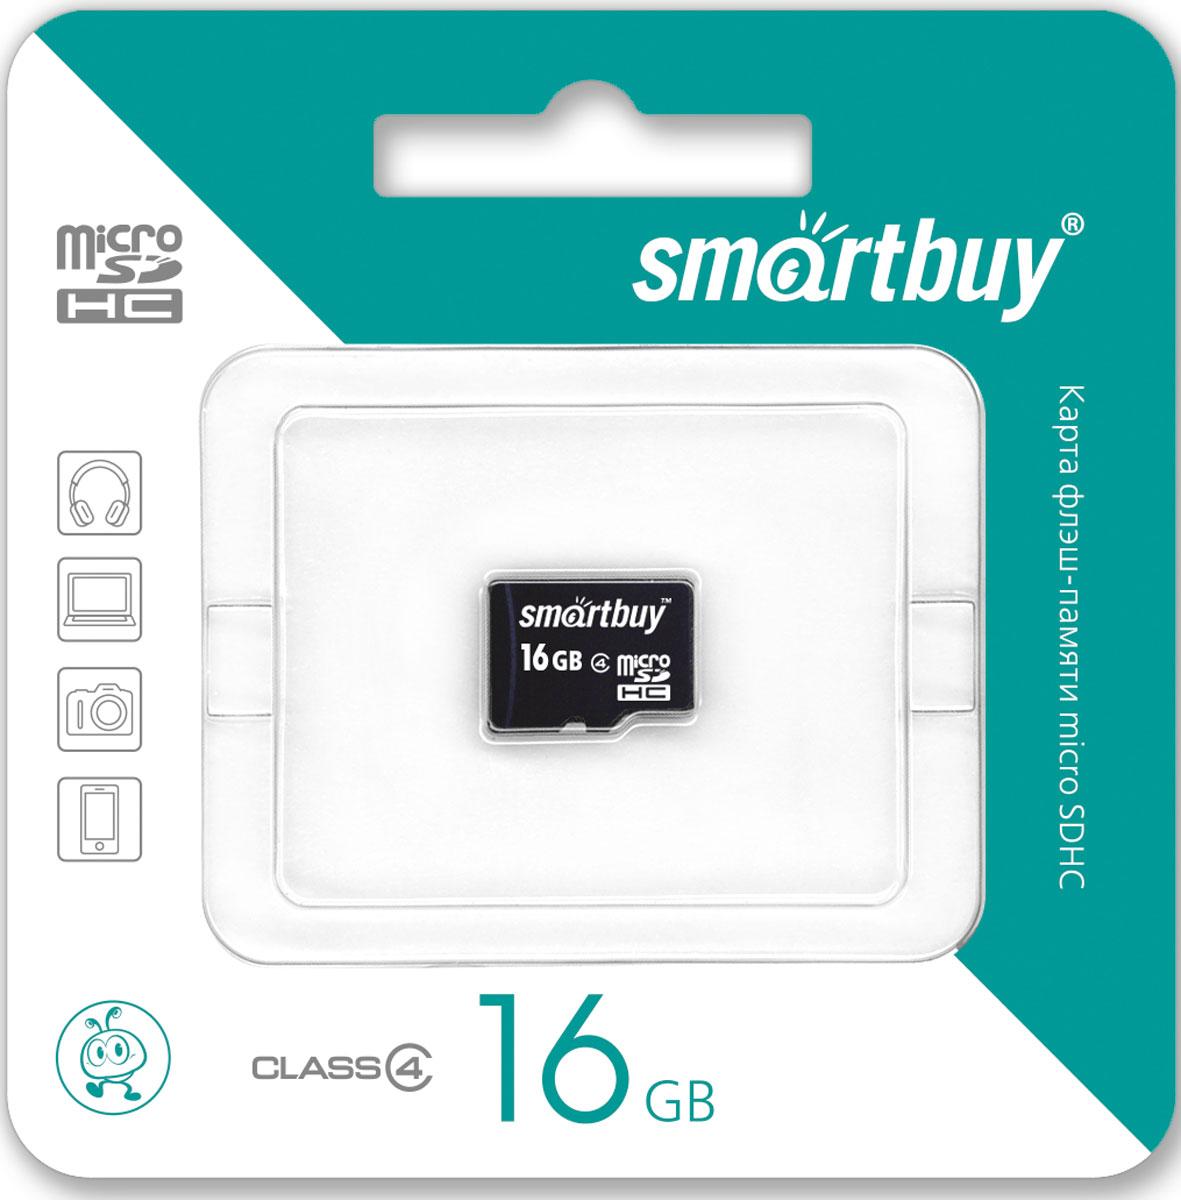 SmartBuy microSDHC Class 4 16GB карта памяти (без адаптера)SB16GBSDCL4-00Карта памяти Smartbuy microSDHC Class 4 позволяет осуществлять расширение памяти цифровых плееров, фотоаппаратов, видеокамер, коммуникаторов, смартфонов, планшетов и других совместимых устройств. Карты памяти Smartbuy являются качественным решением для хранения и переноса различного рода информации, такой как музыкальные файлы, фотографии, электронные документы и другие важные для вас файлы. Внимание: перед оформлением заказа, убедитесь в поддержке вашим электронным устройством карт памяти данного объема.